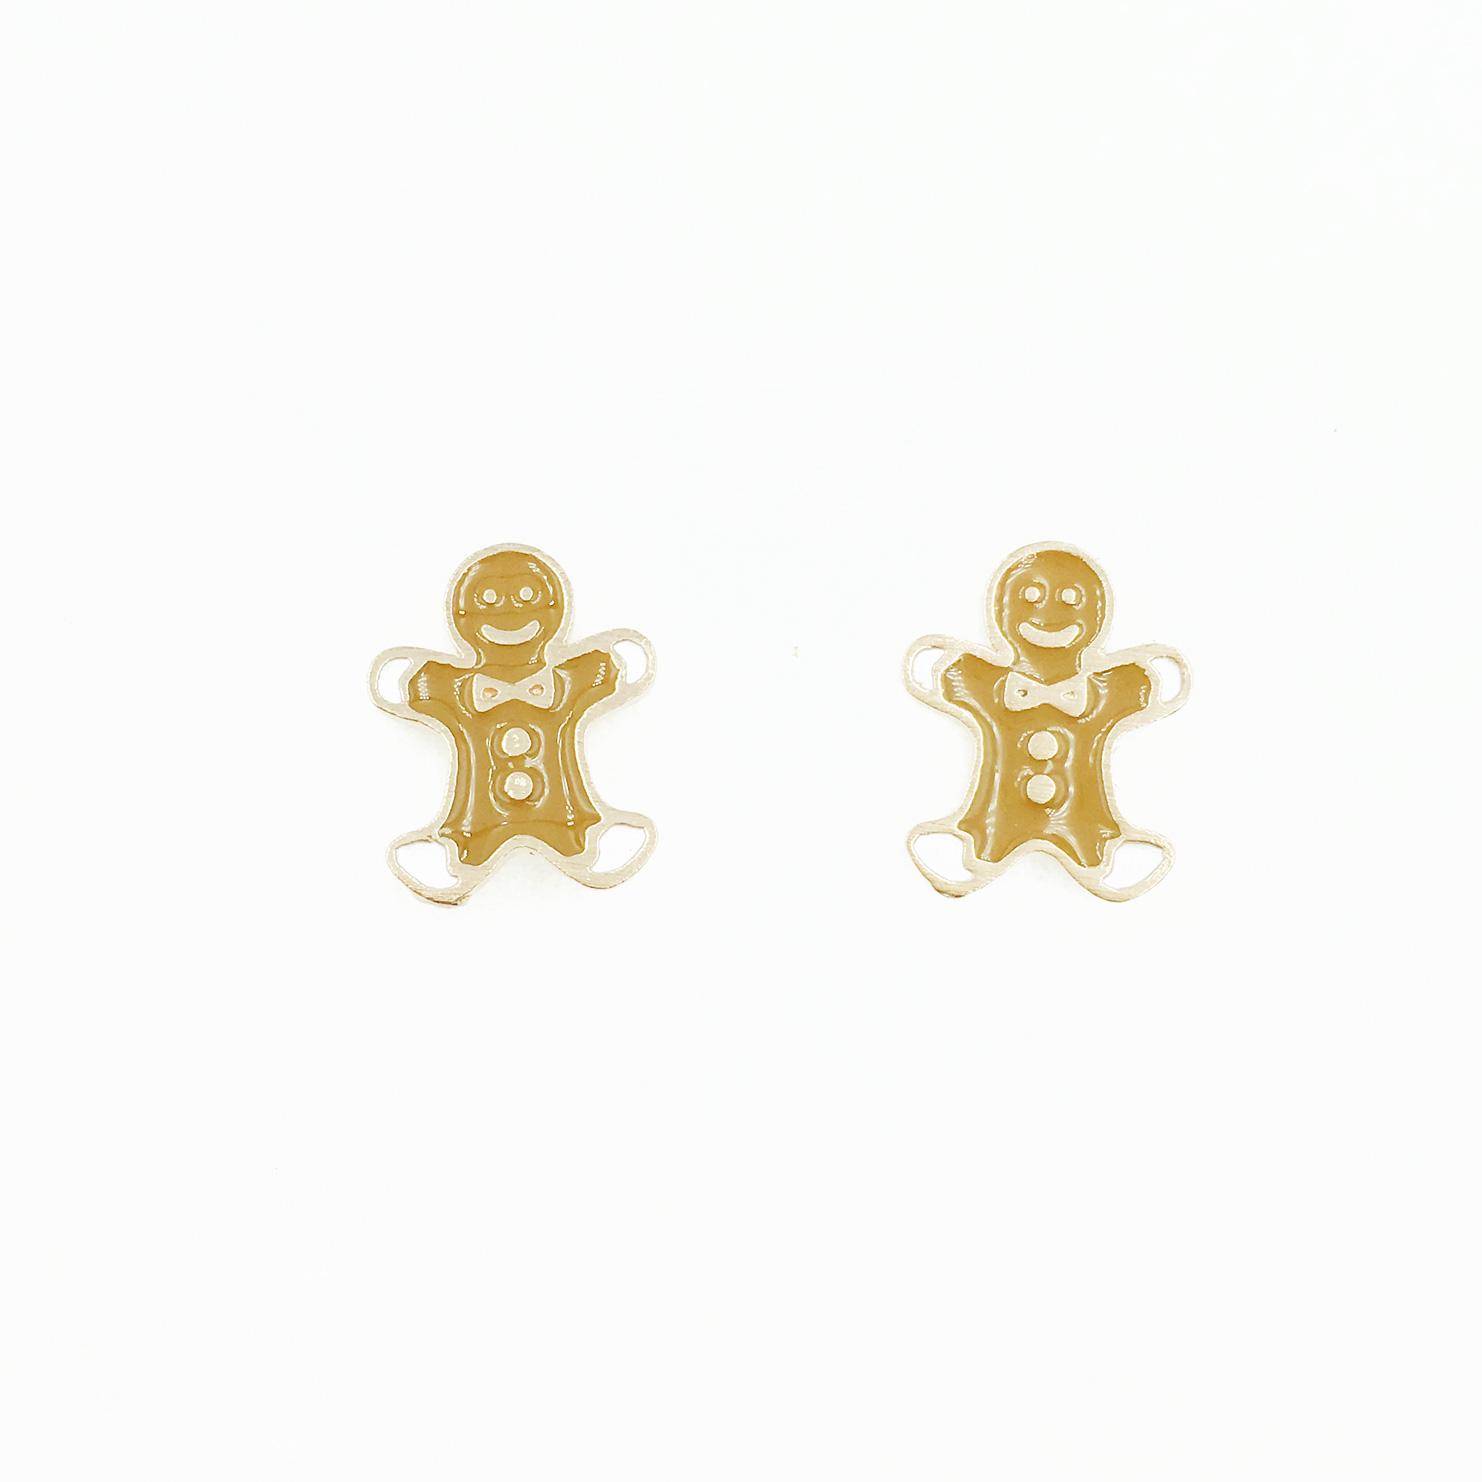 韓國 925純銀 薑餅人 可愛風 耳針式耳環